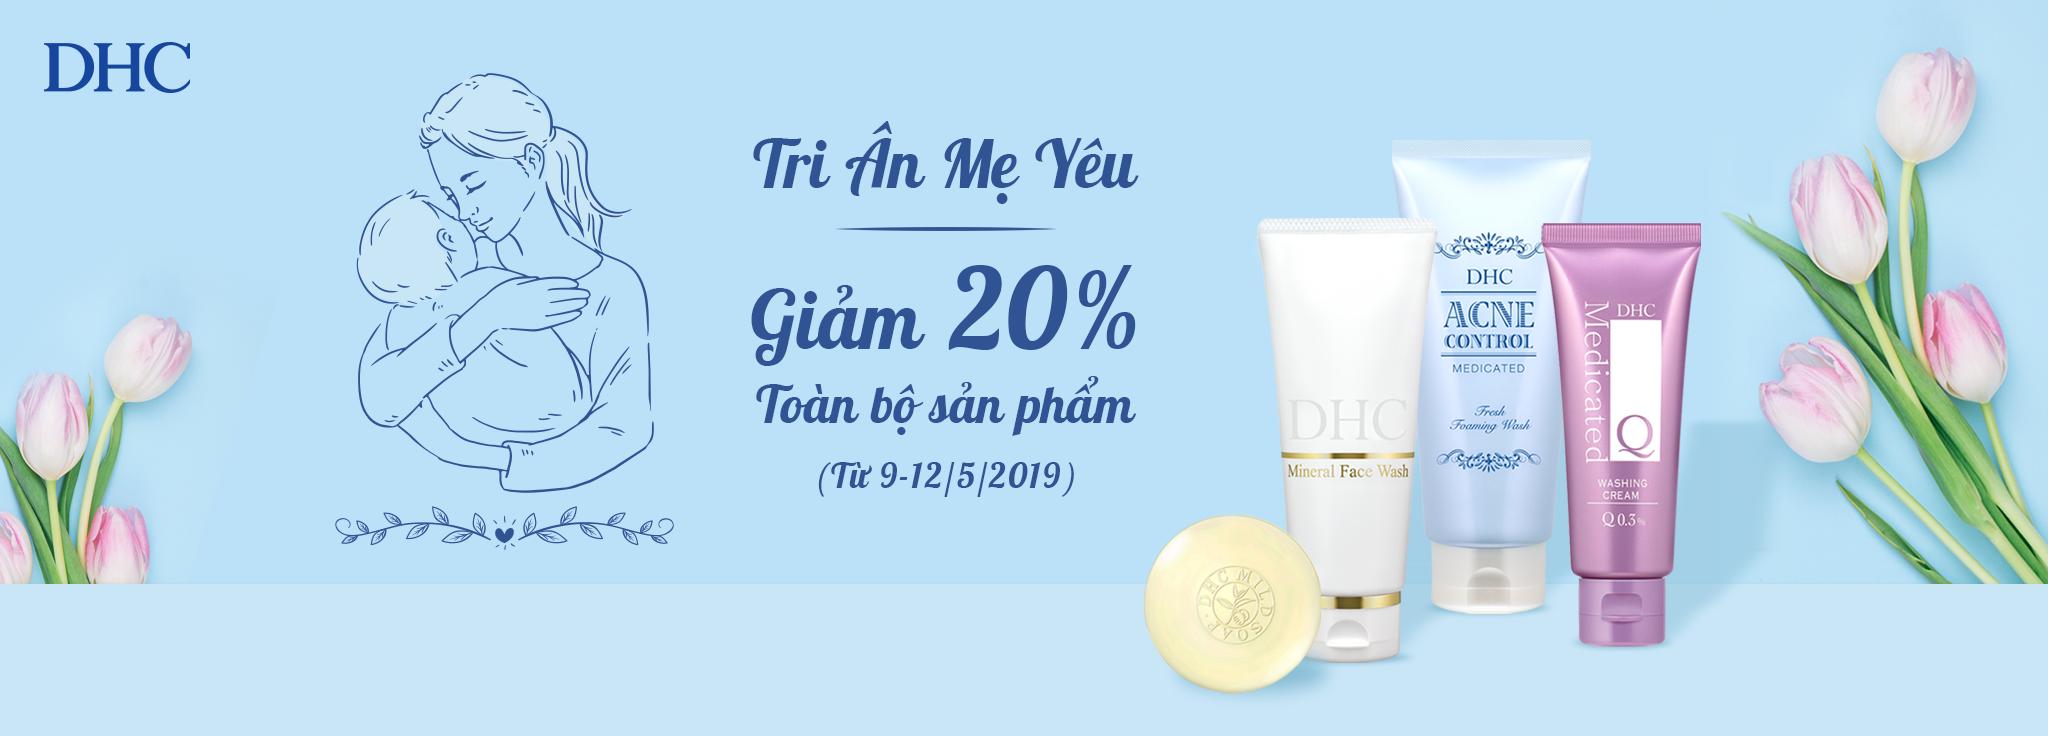 Tri Ân Mẹ Yêu - Giảm 20% tất cả sản phẩm